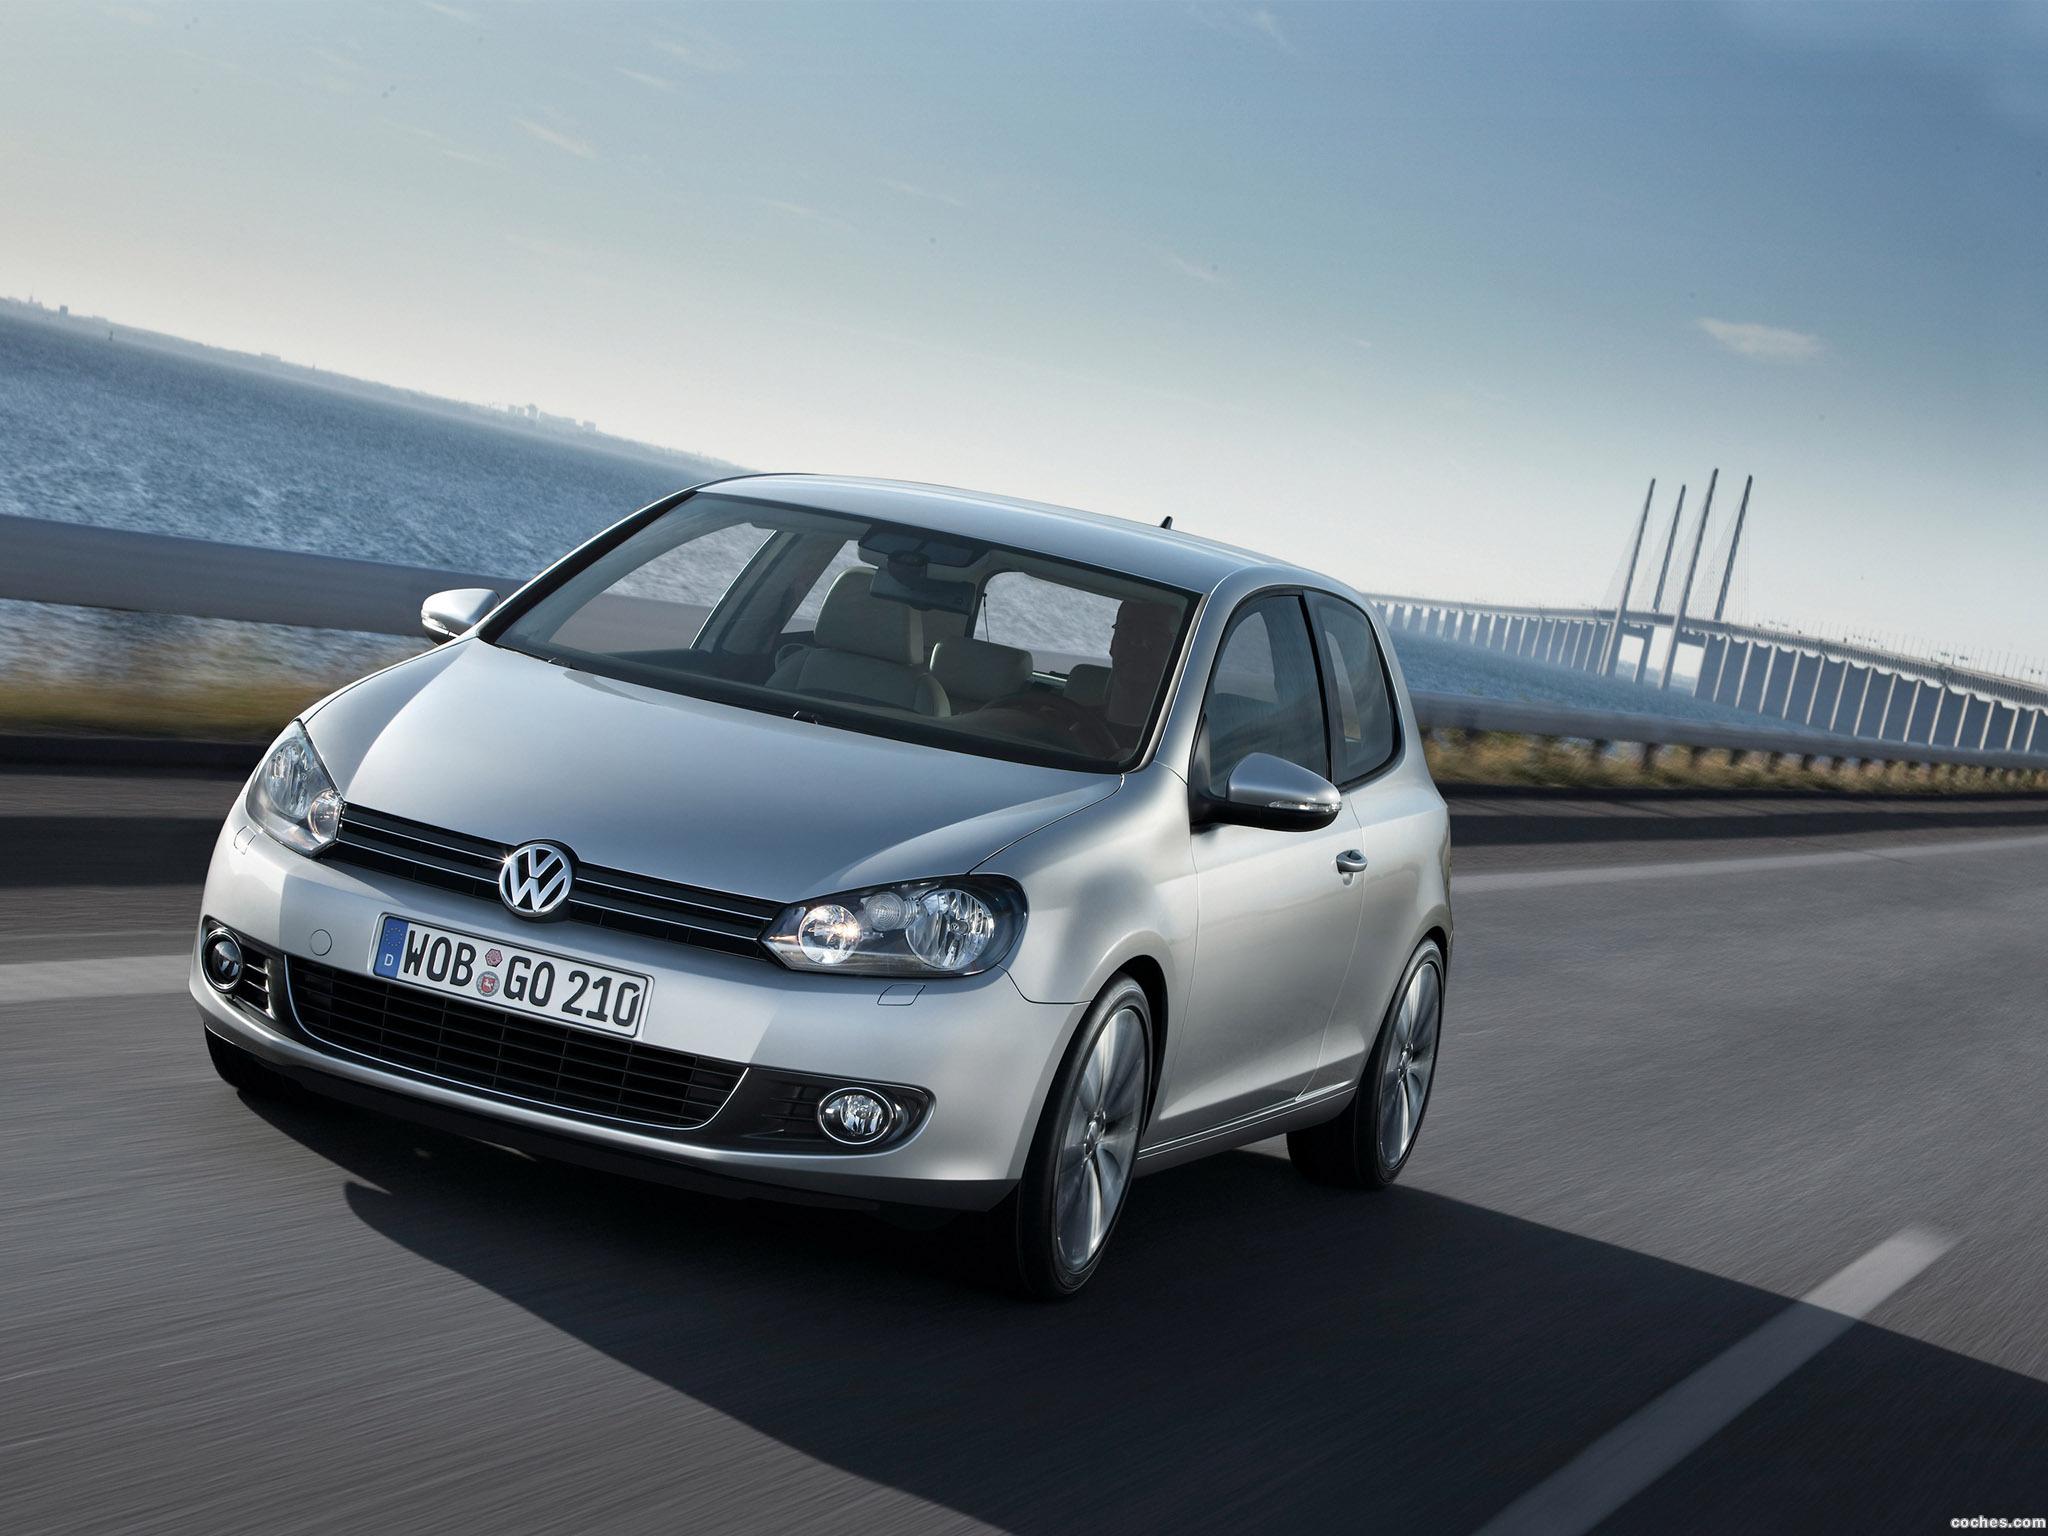 Foto 0 de Volkswagen Golf VI 3 puertas 2008